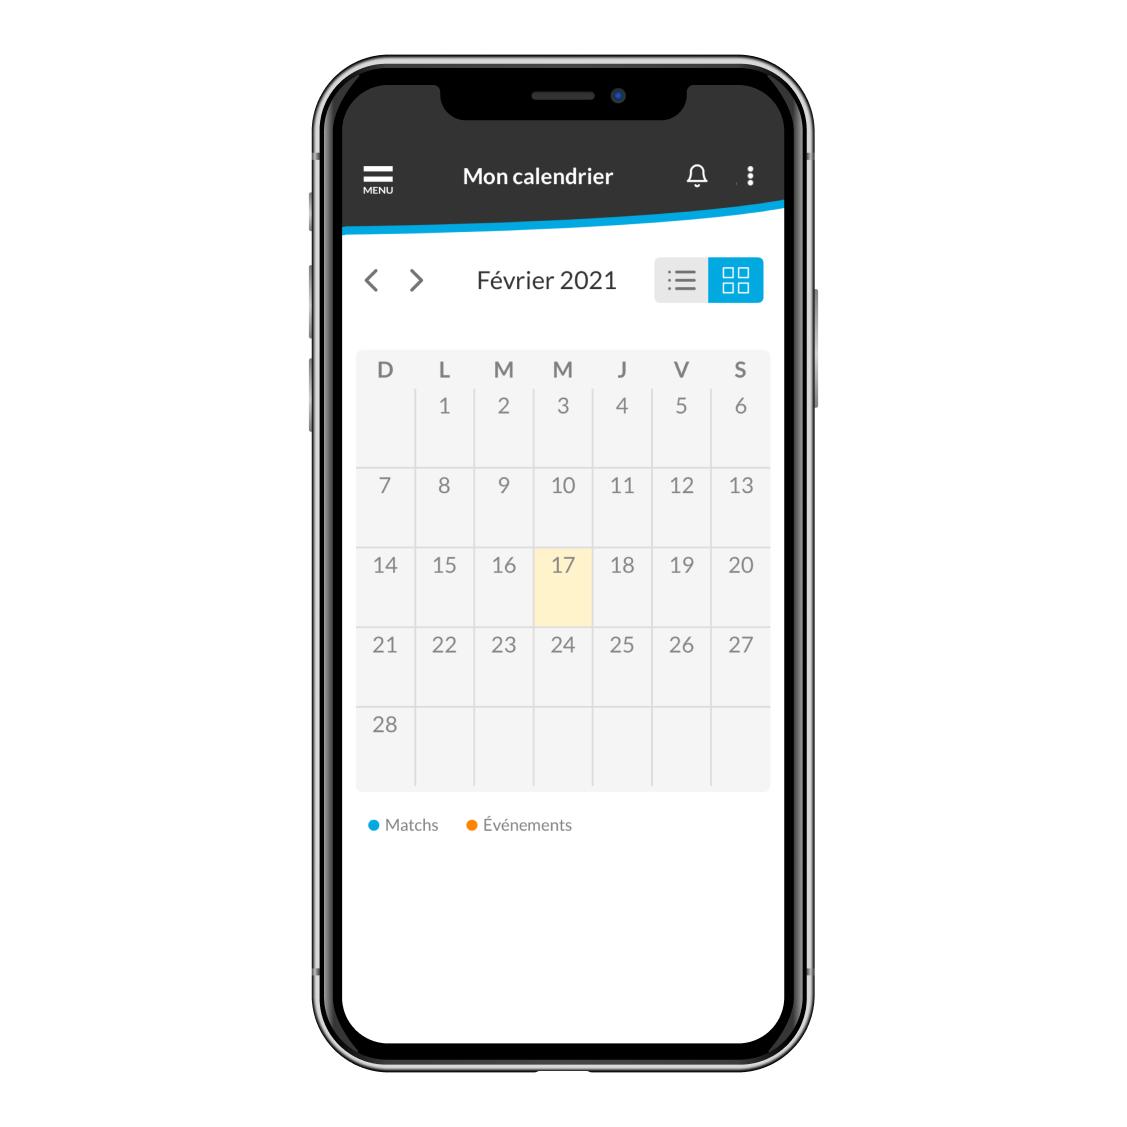 nouveau look du calendrier de l'application